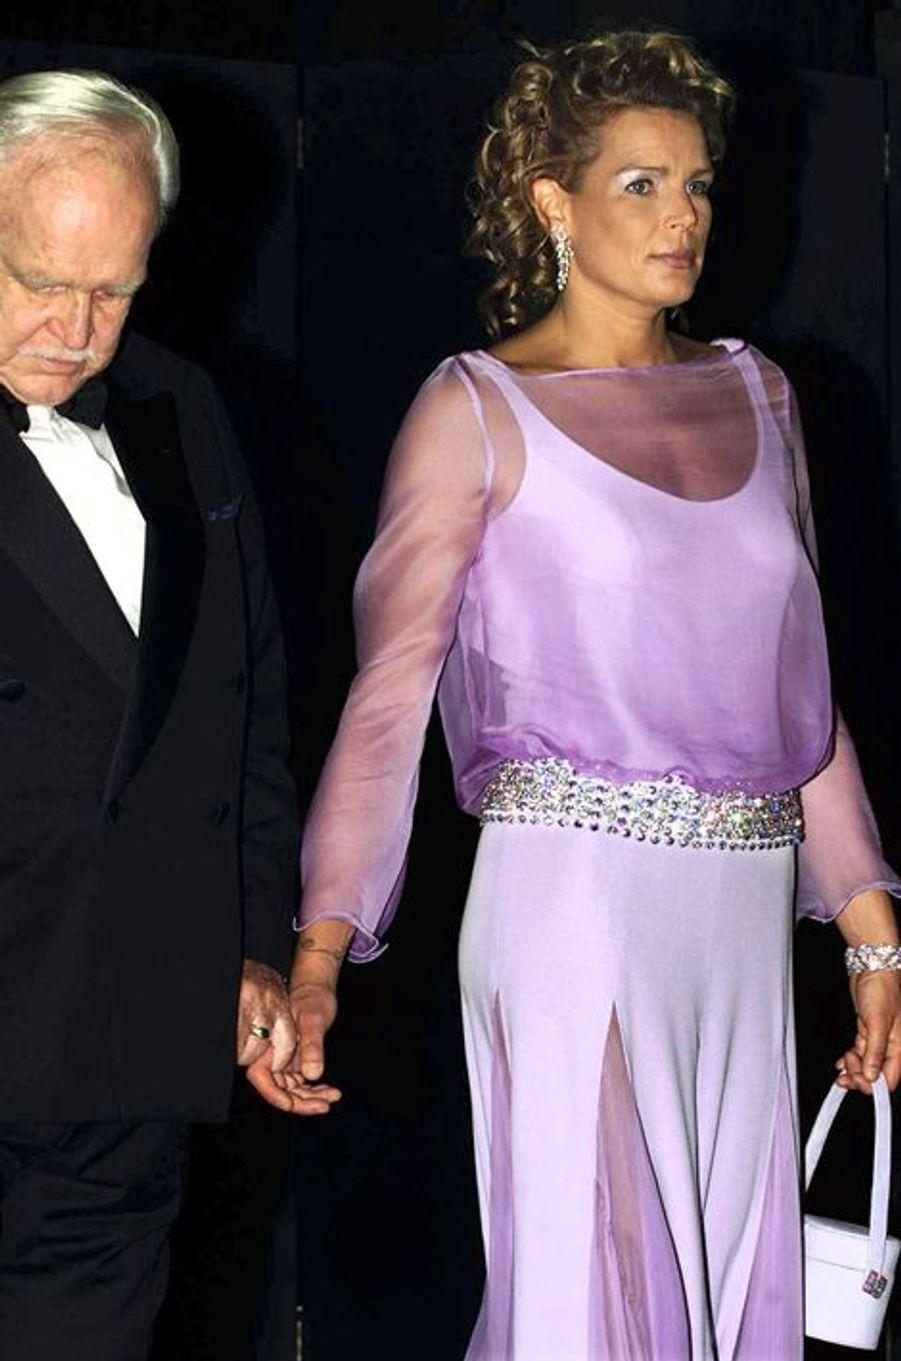 La princesse Stéphanie de Monaco le 3 août 2001, avec le prince Rainier